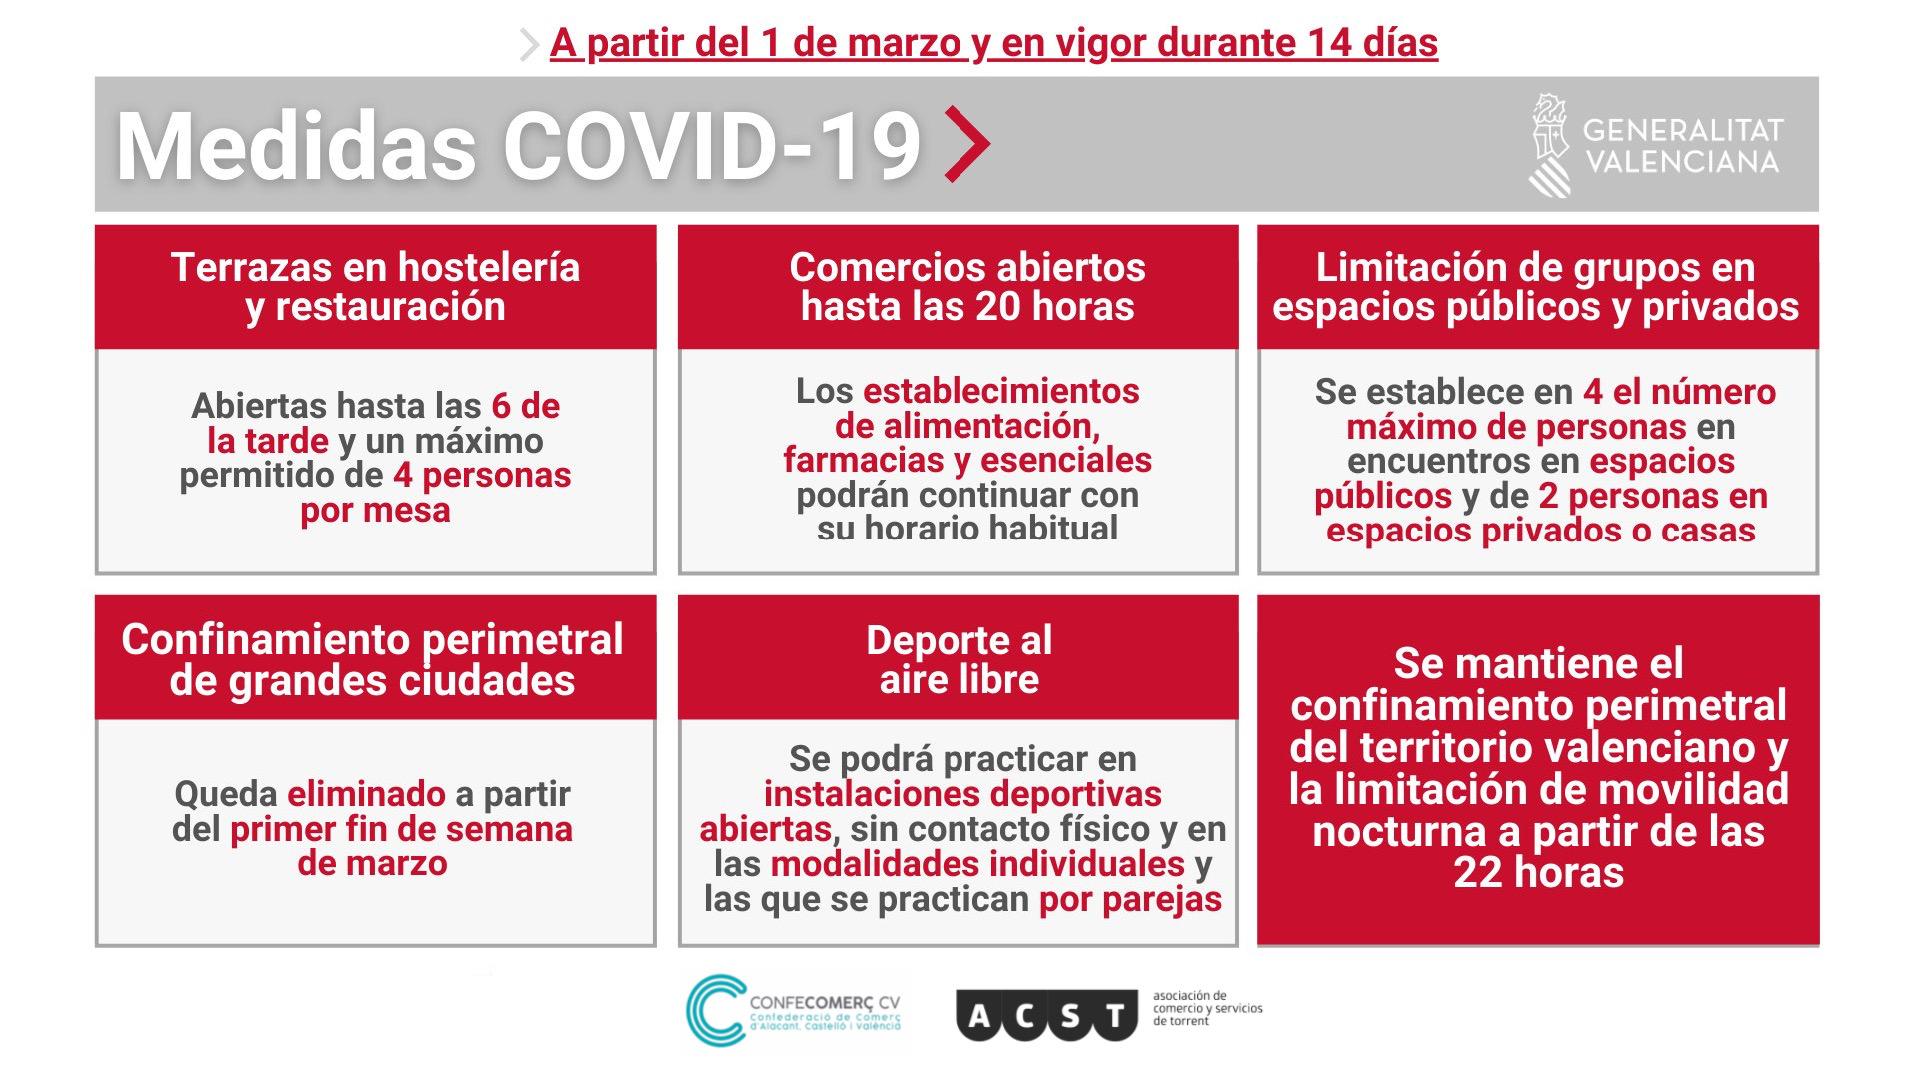 Nuevas Medidas Anticovid en la Comunitat Valenciana (Desde el 01.03.21) !!